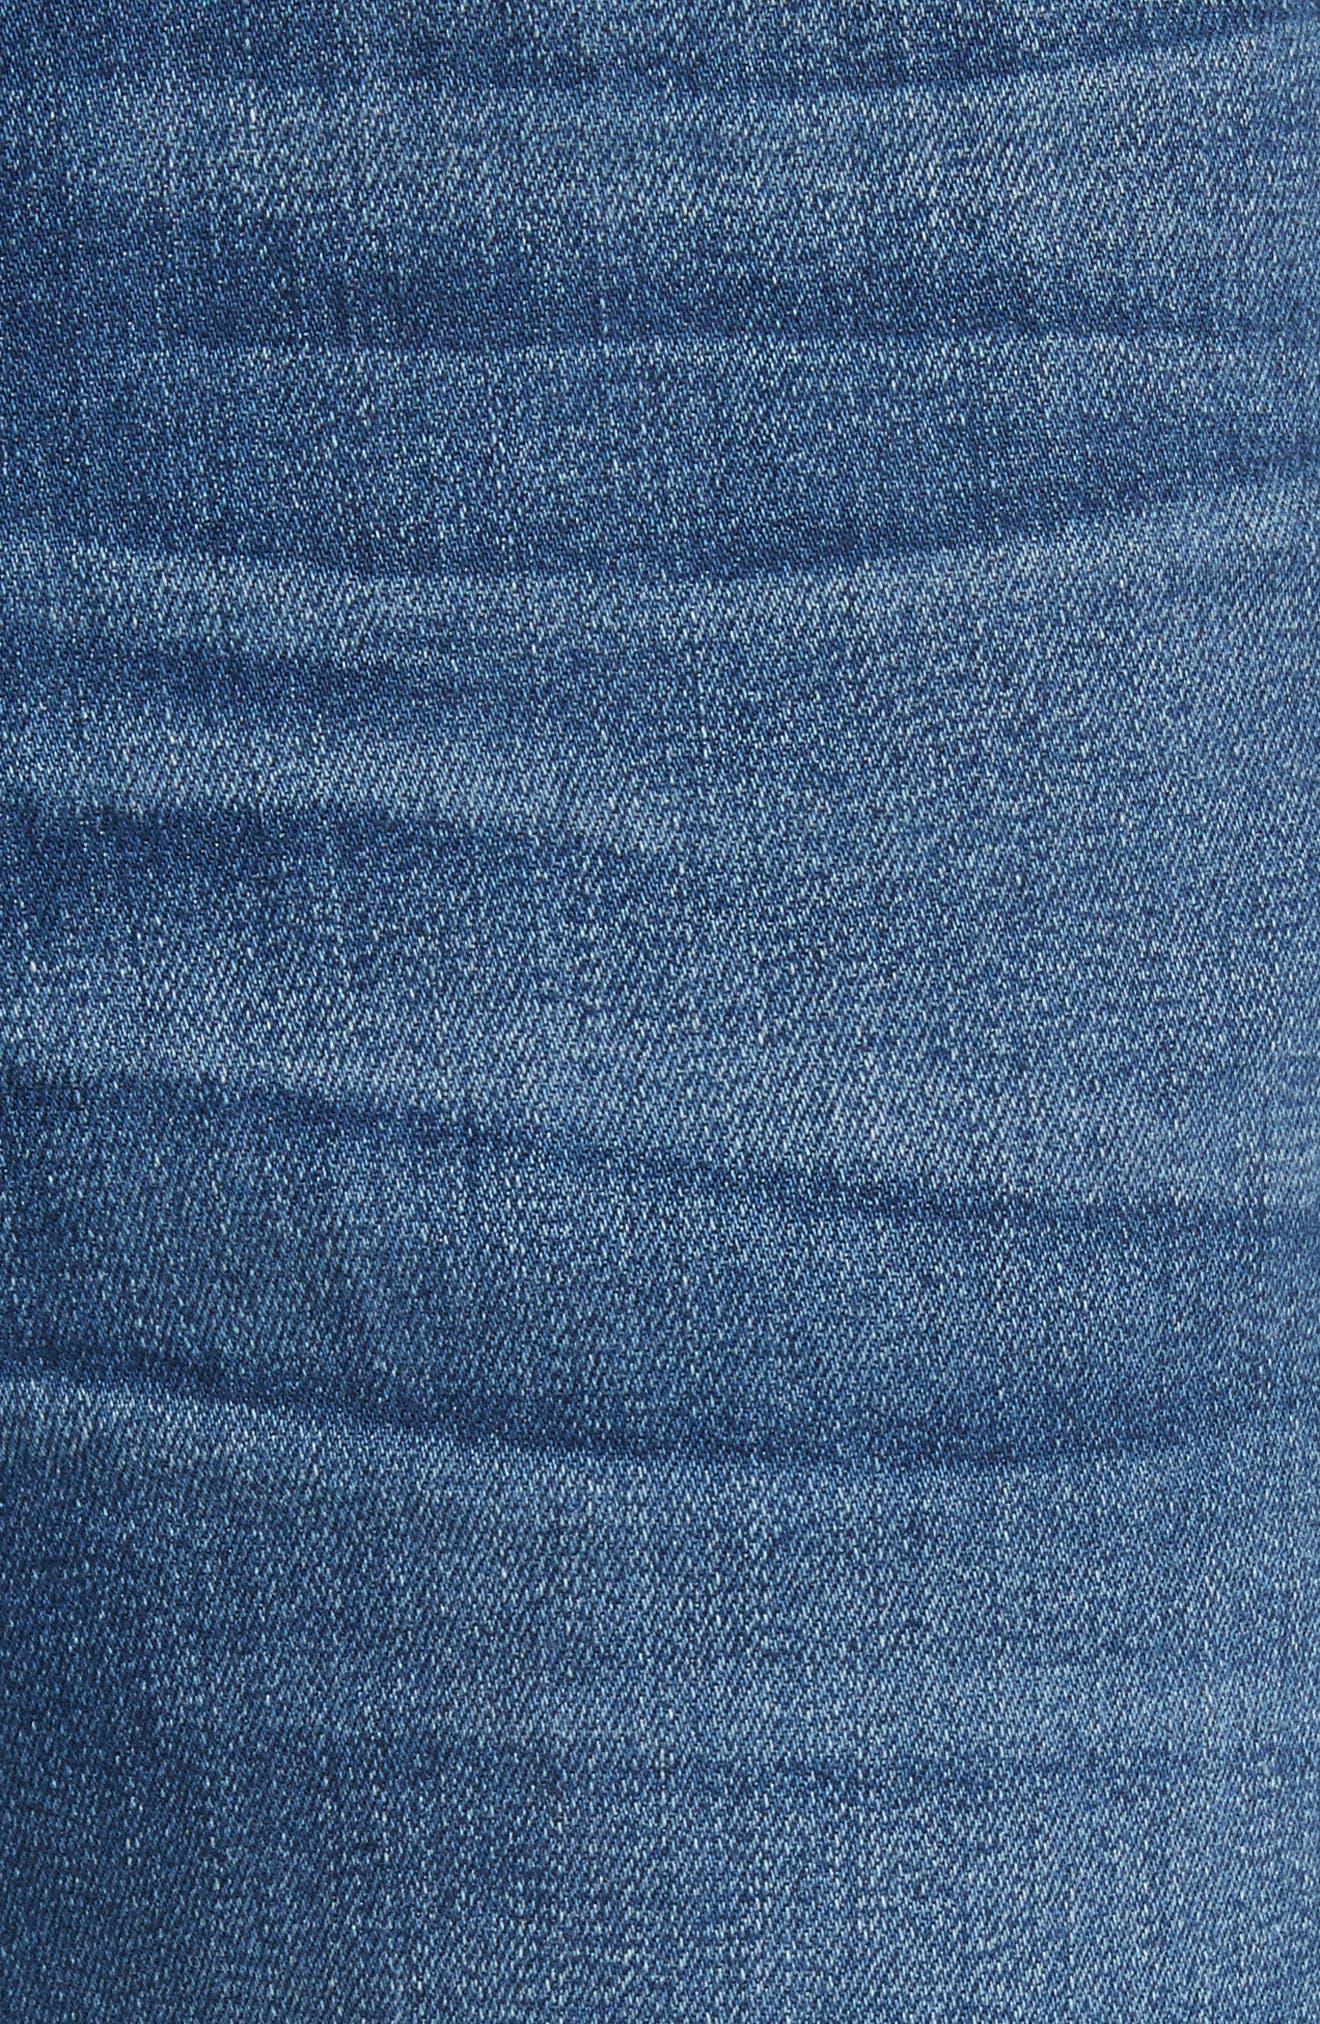 W4 Adeline High Waist Split Flare Jeans,                             Alternate thumbnail 5, color,                             426